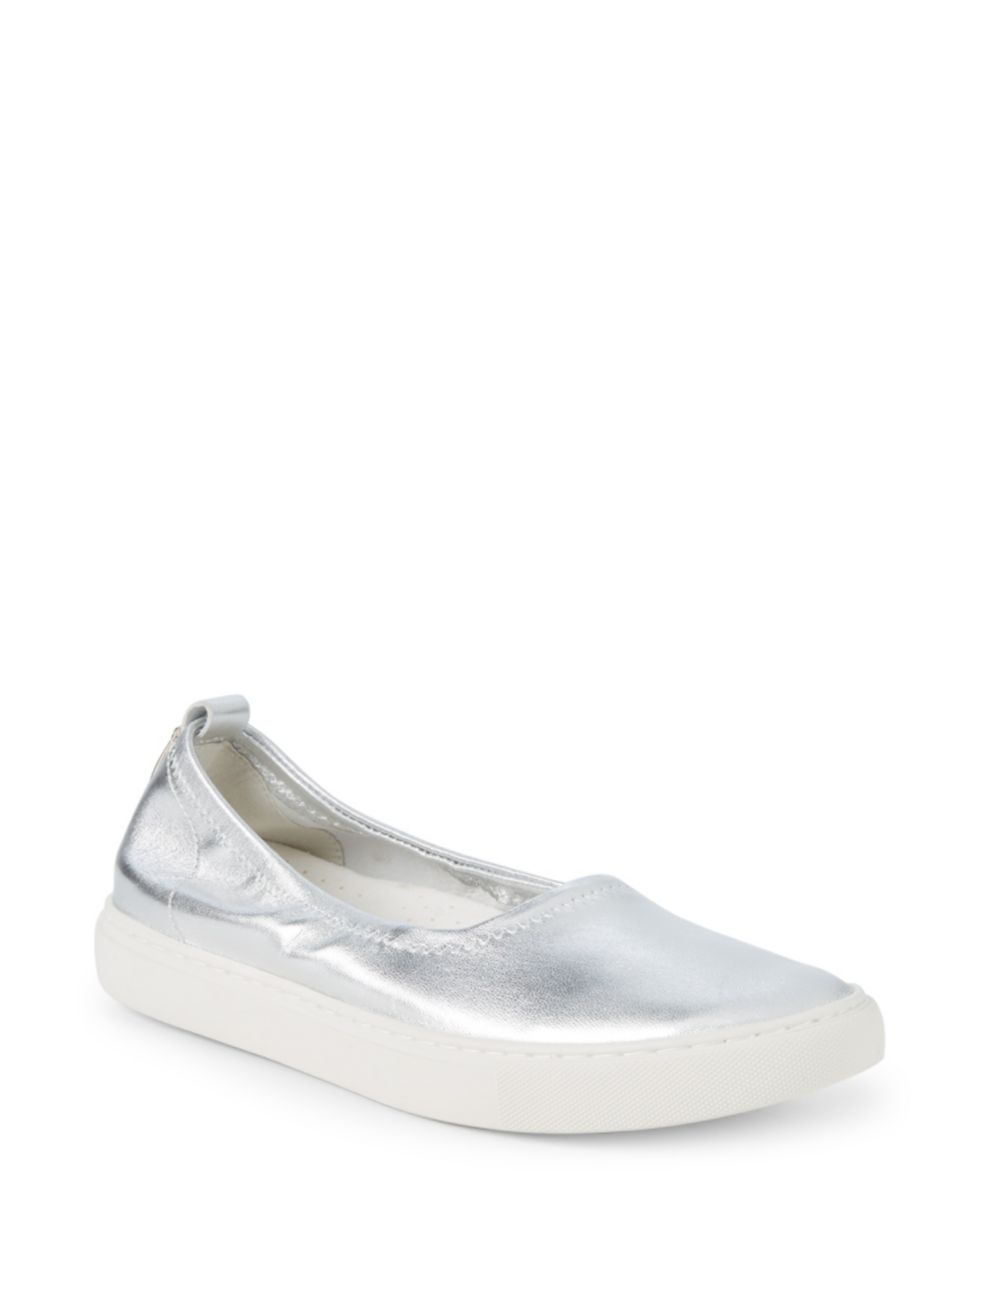 fino al 70% di sconto New Kenneth Cole Cole Cole KIP Donna  9 Ballet Flat Orthotic Wedge scarpe da ginnastica NIB Leather  servizio di prima classe